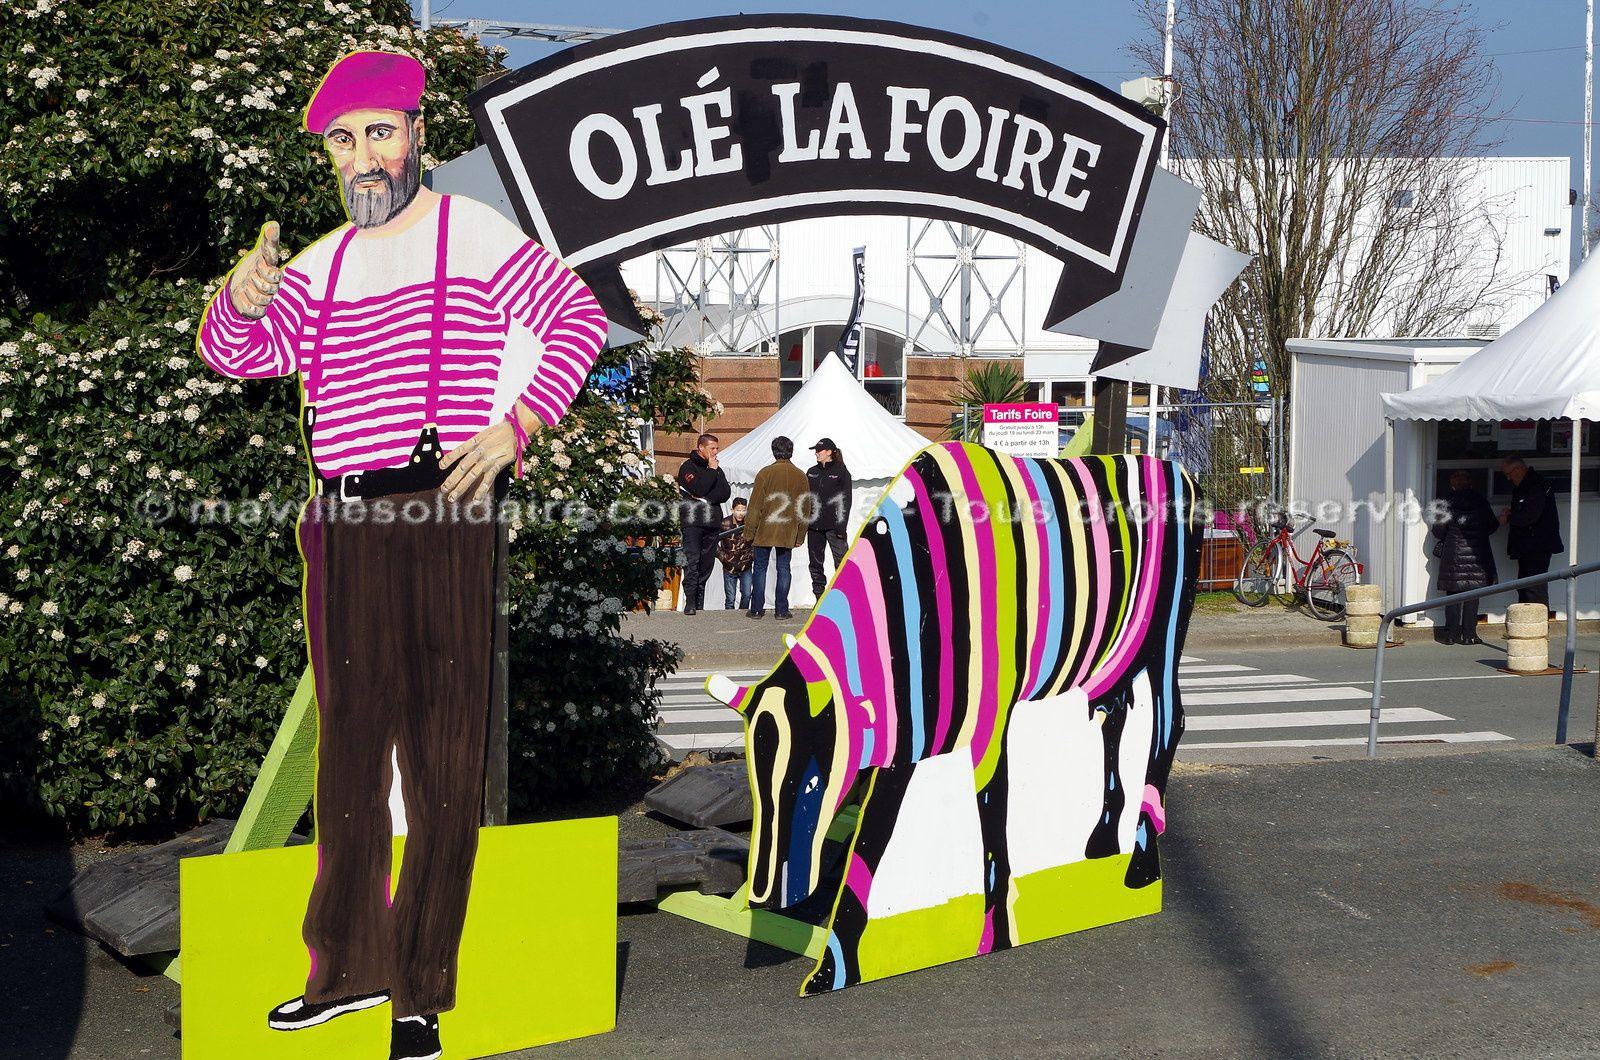 Olé la foire la Roche-sur-Yon Foire exposition Oudairies.